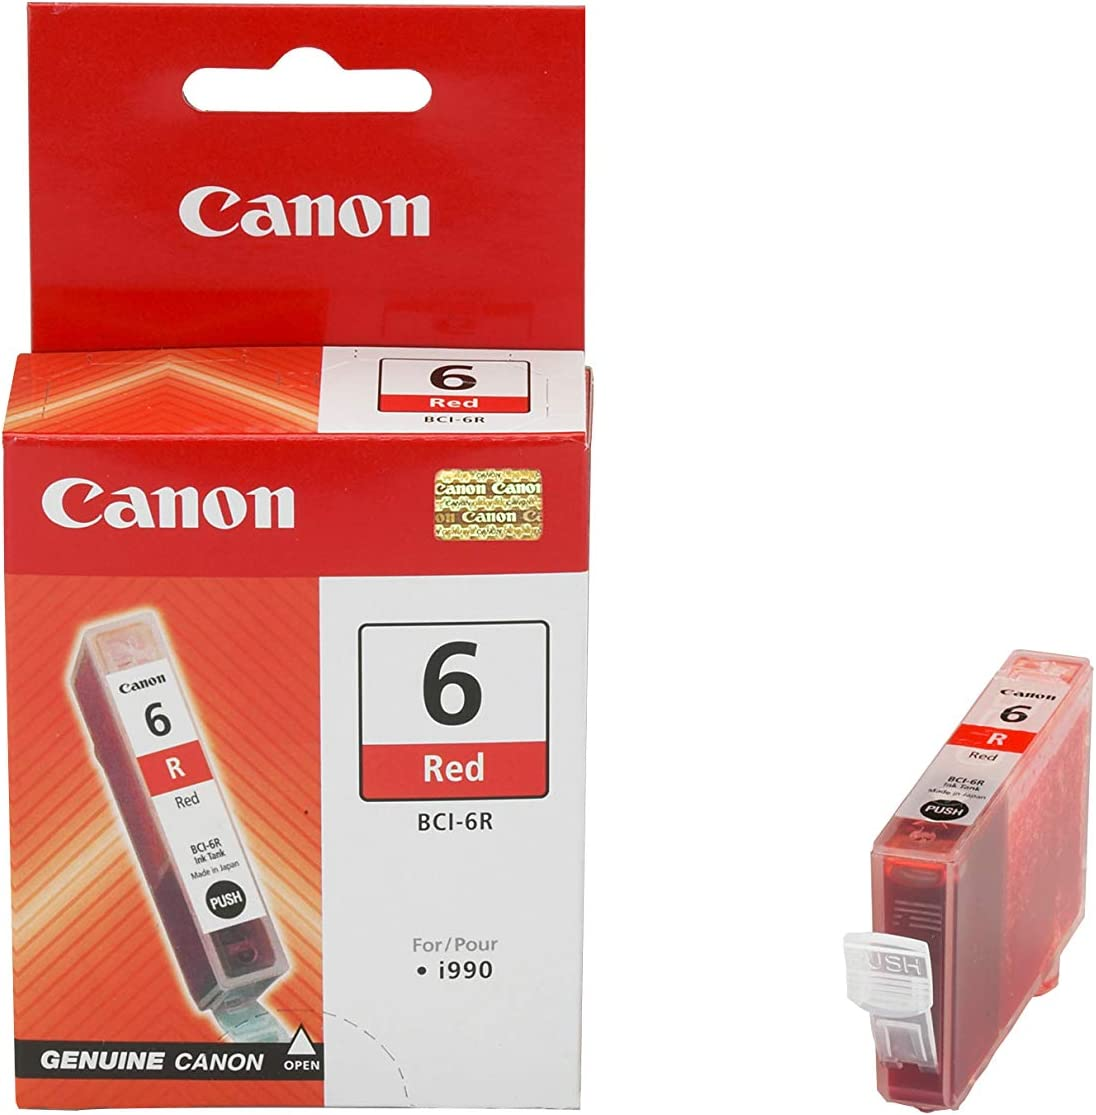 Canon Tintenpatrone Bci 6 R Rot 15 Ml Original Für Tintenstrahldrucker Bürobedarf Schreibwaren